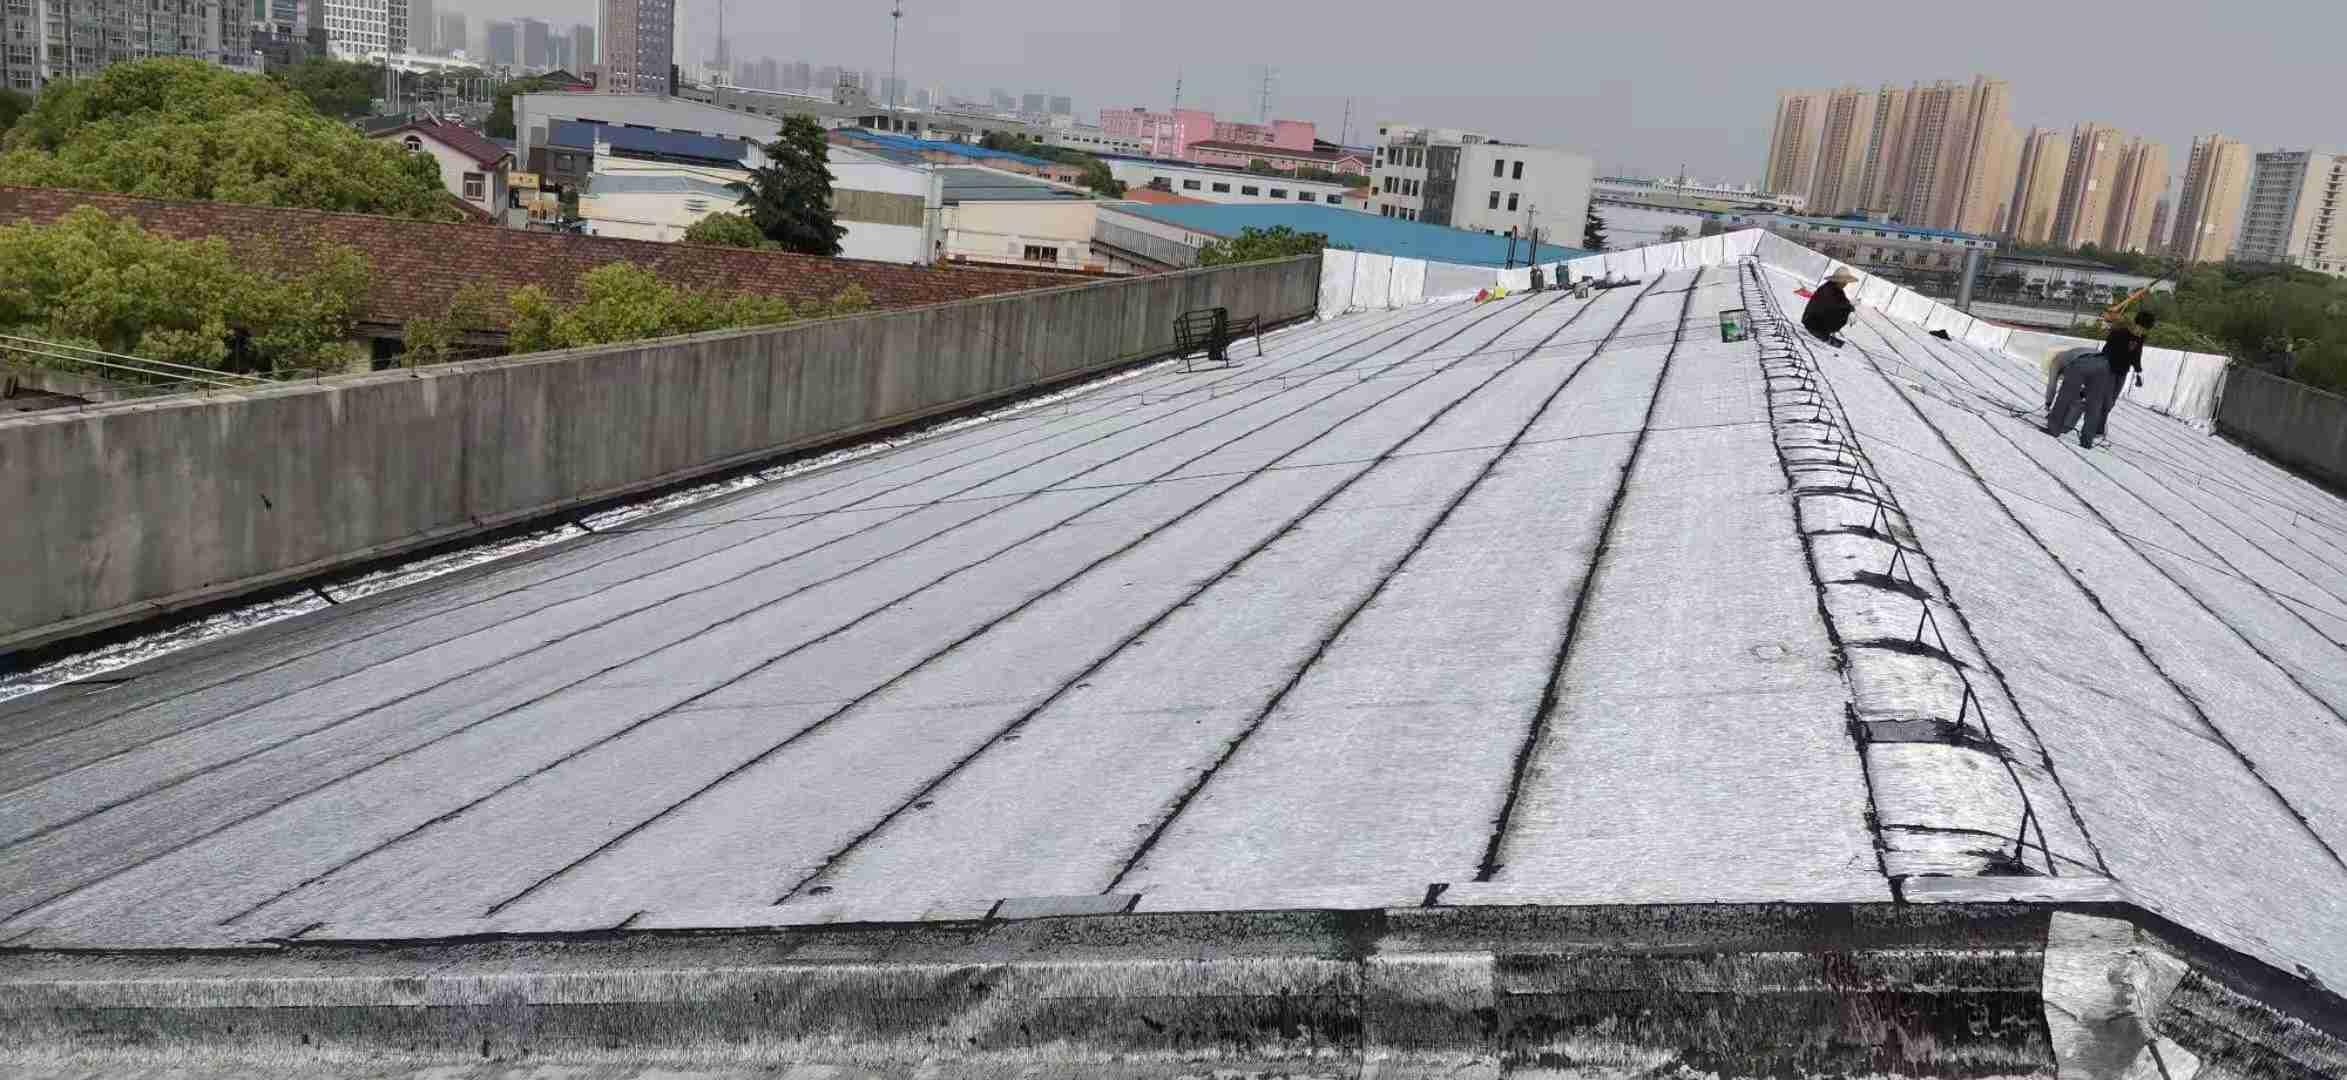 专业地板渗水丨无锡市南长区阳台防水补漏排查漏水原因